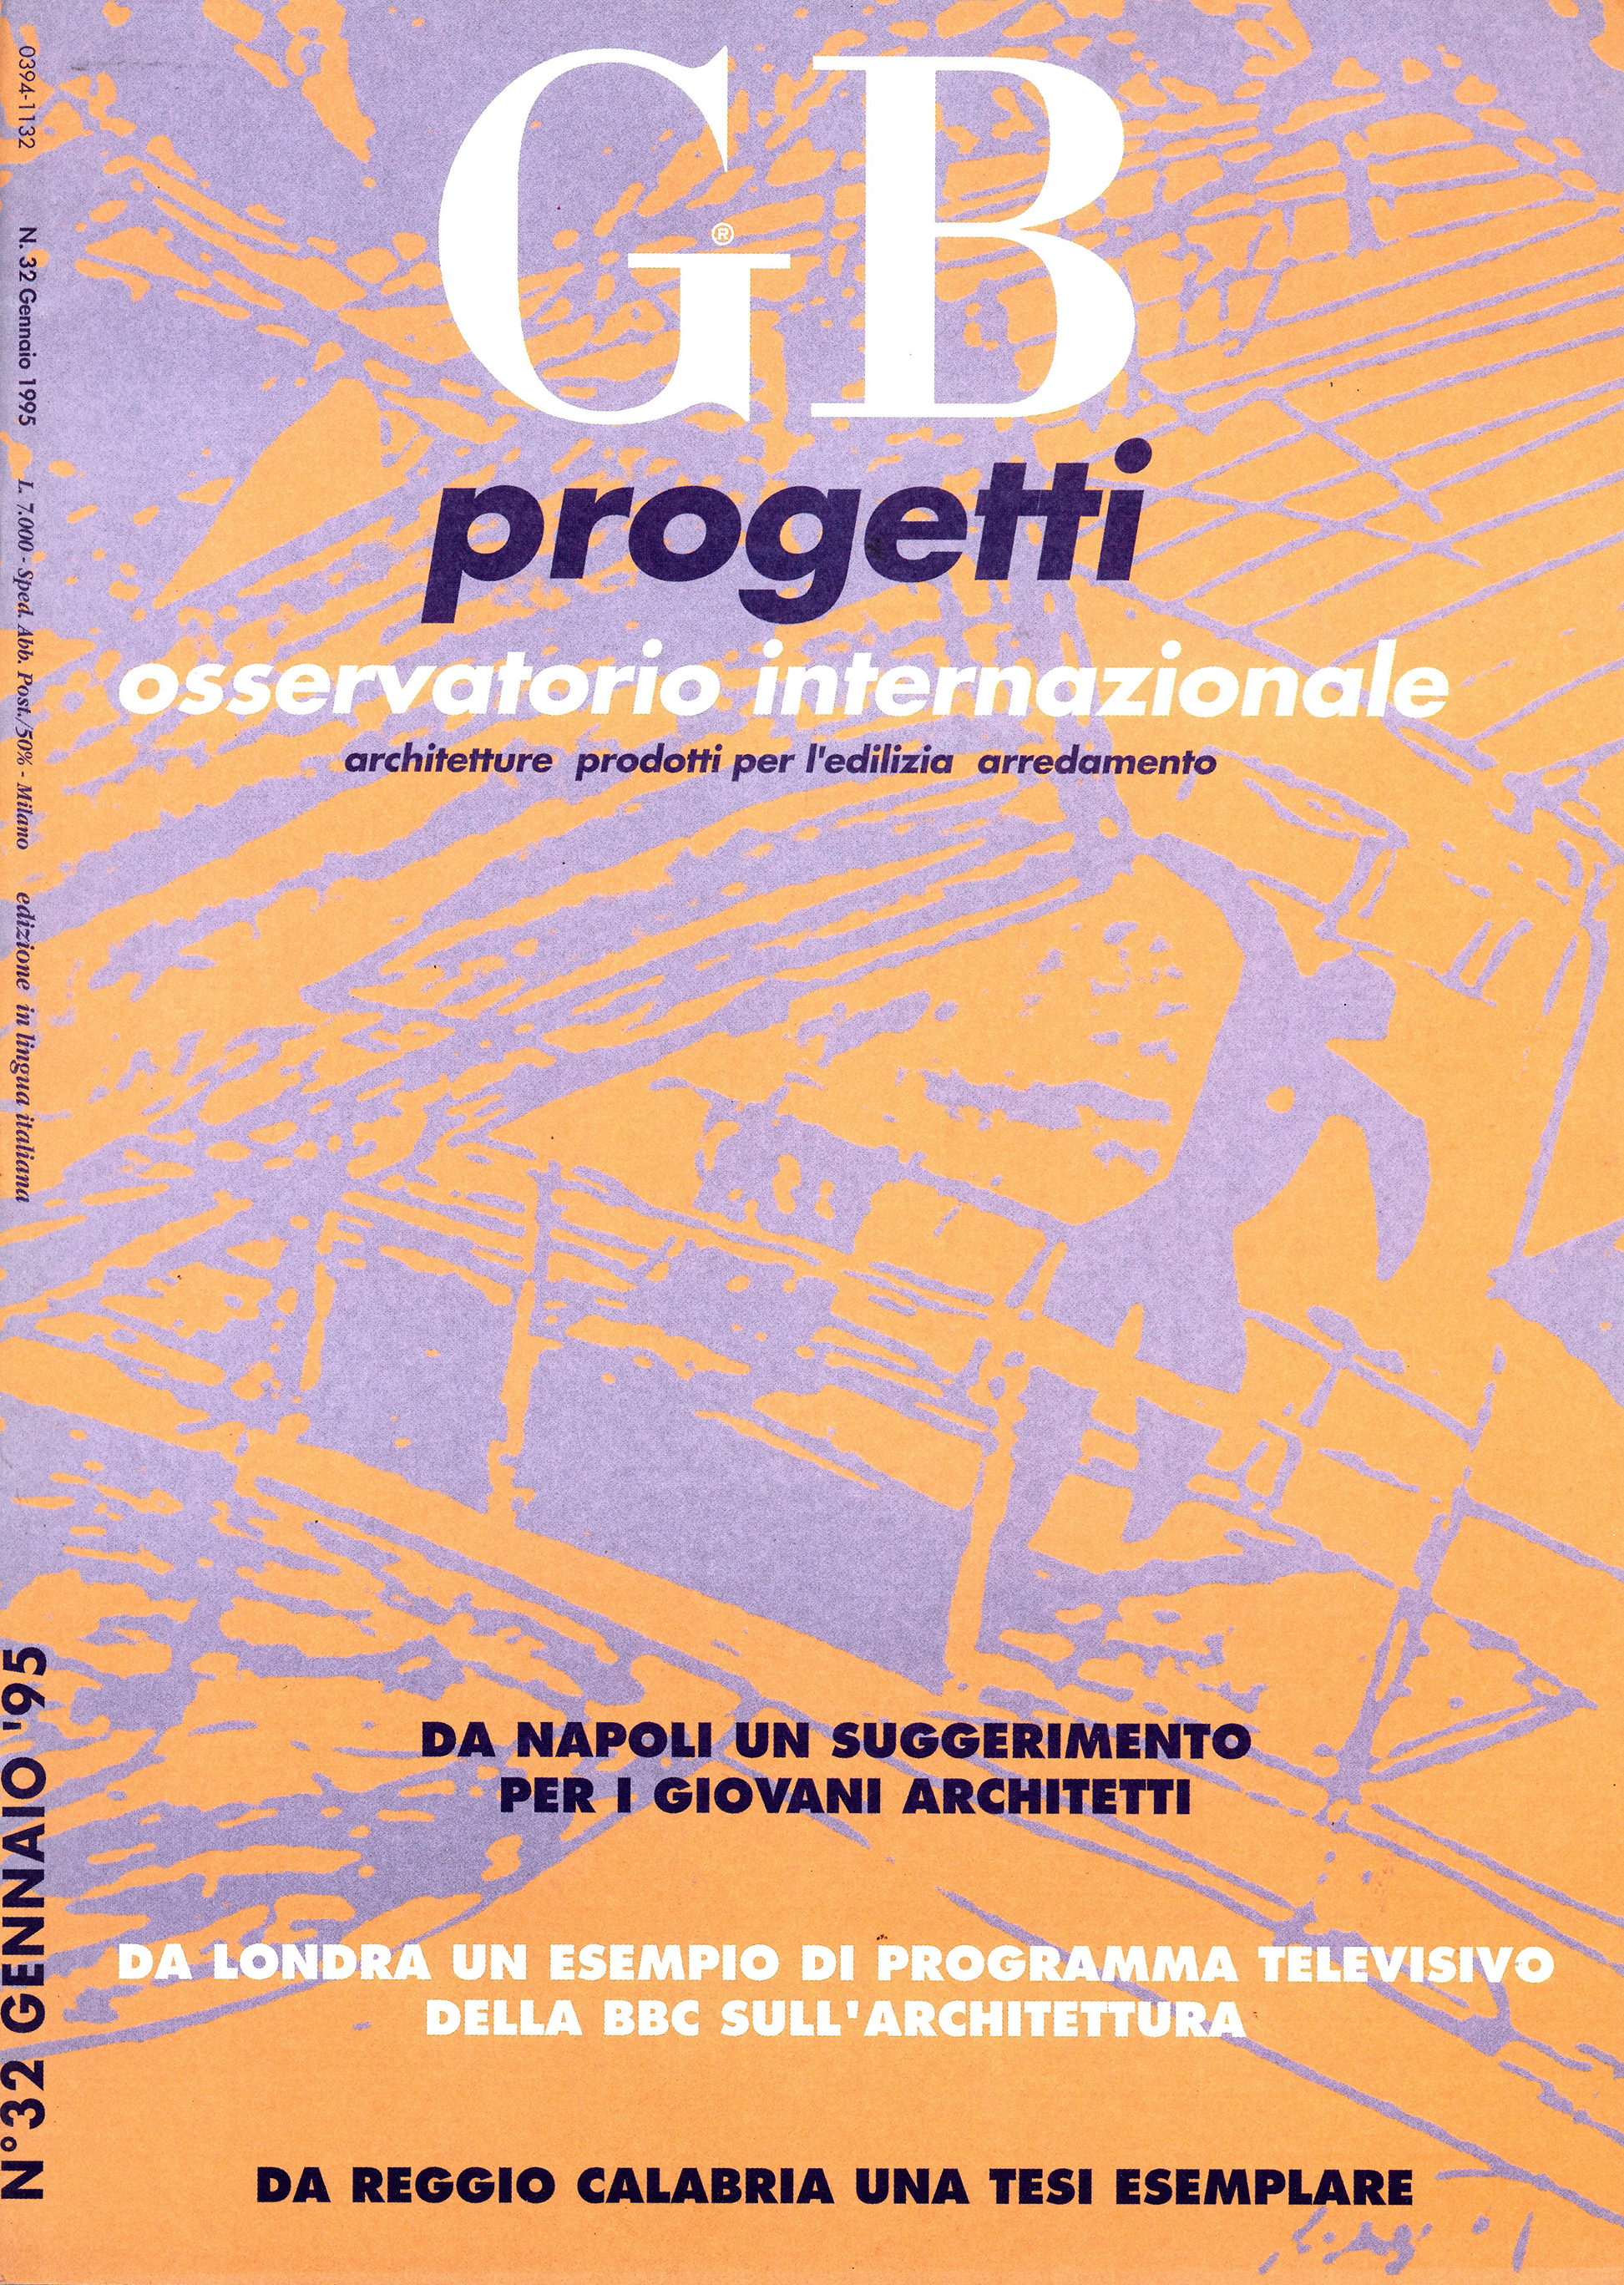 GB progetti, Gennaio 1995